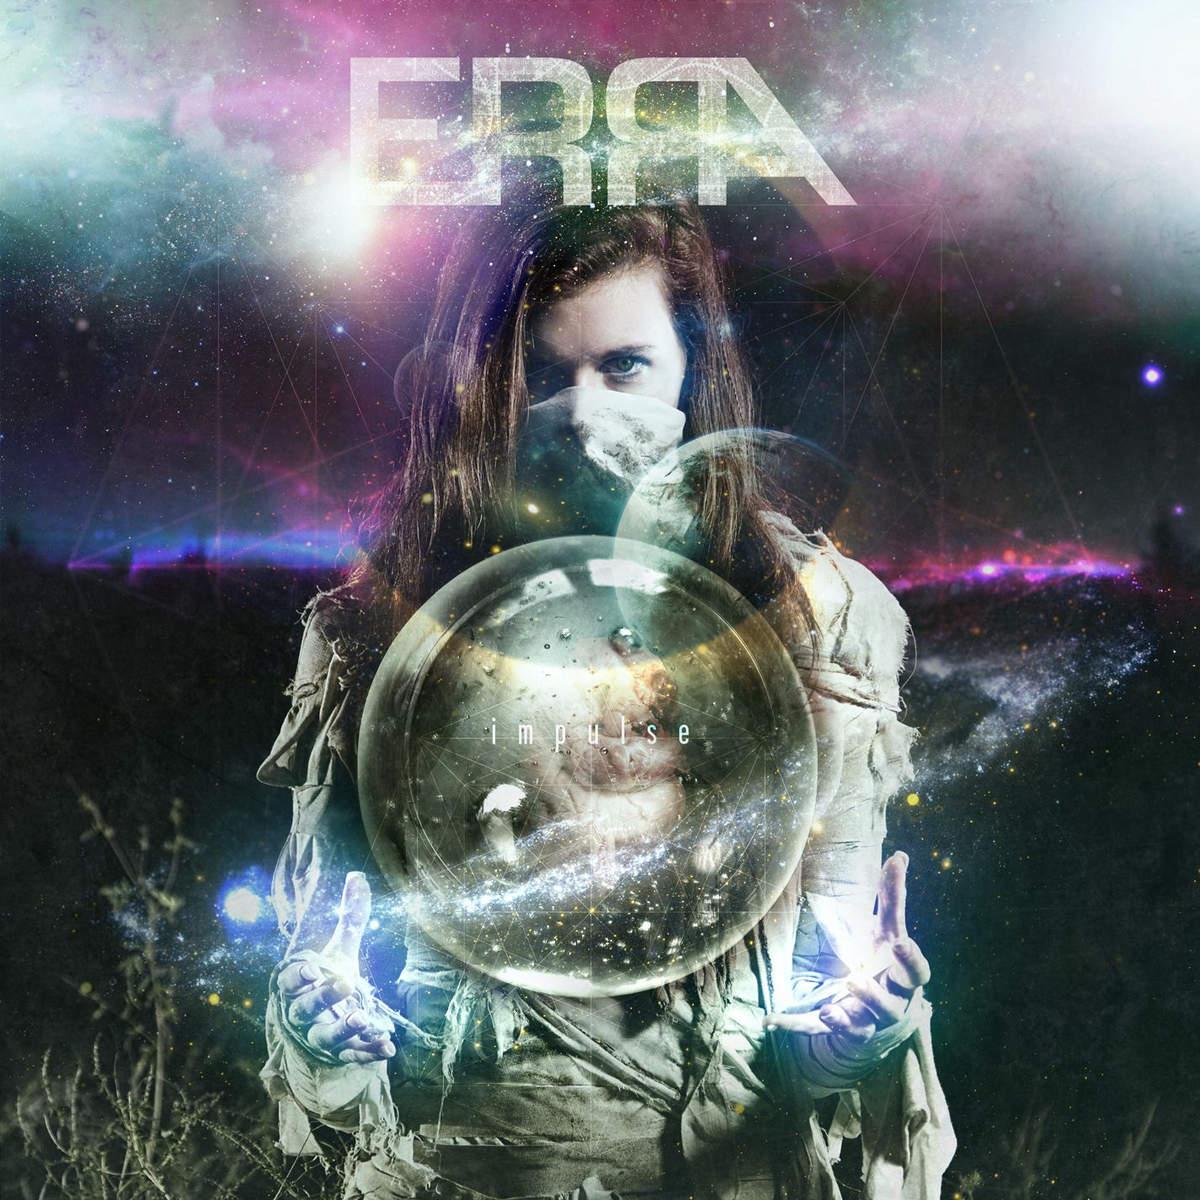 Erra - Impulse (2011)